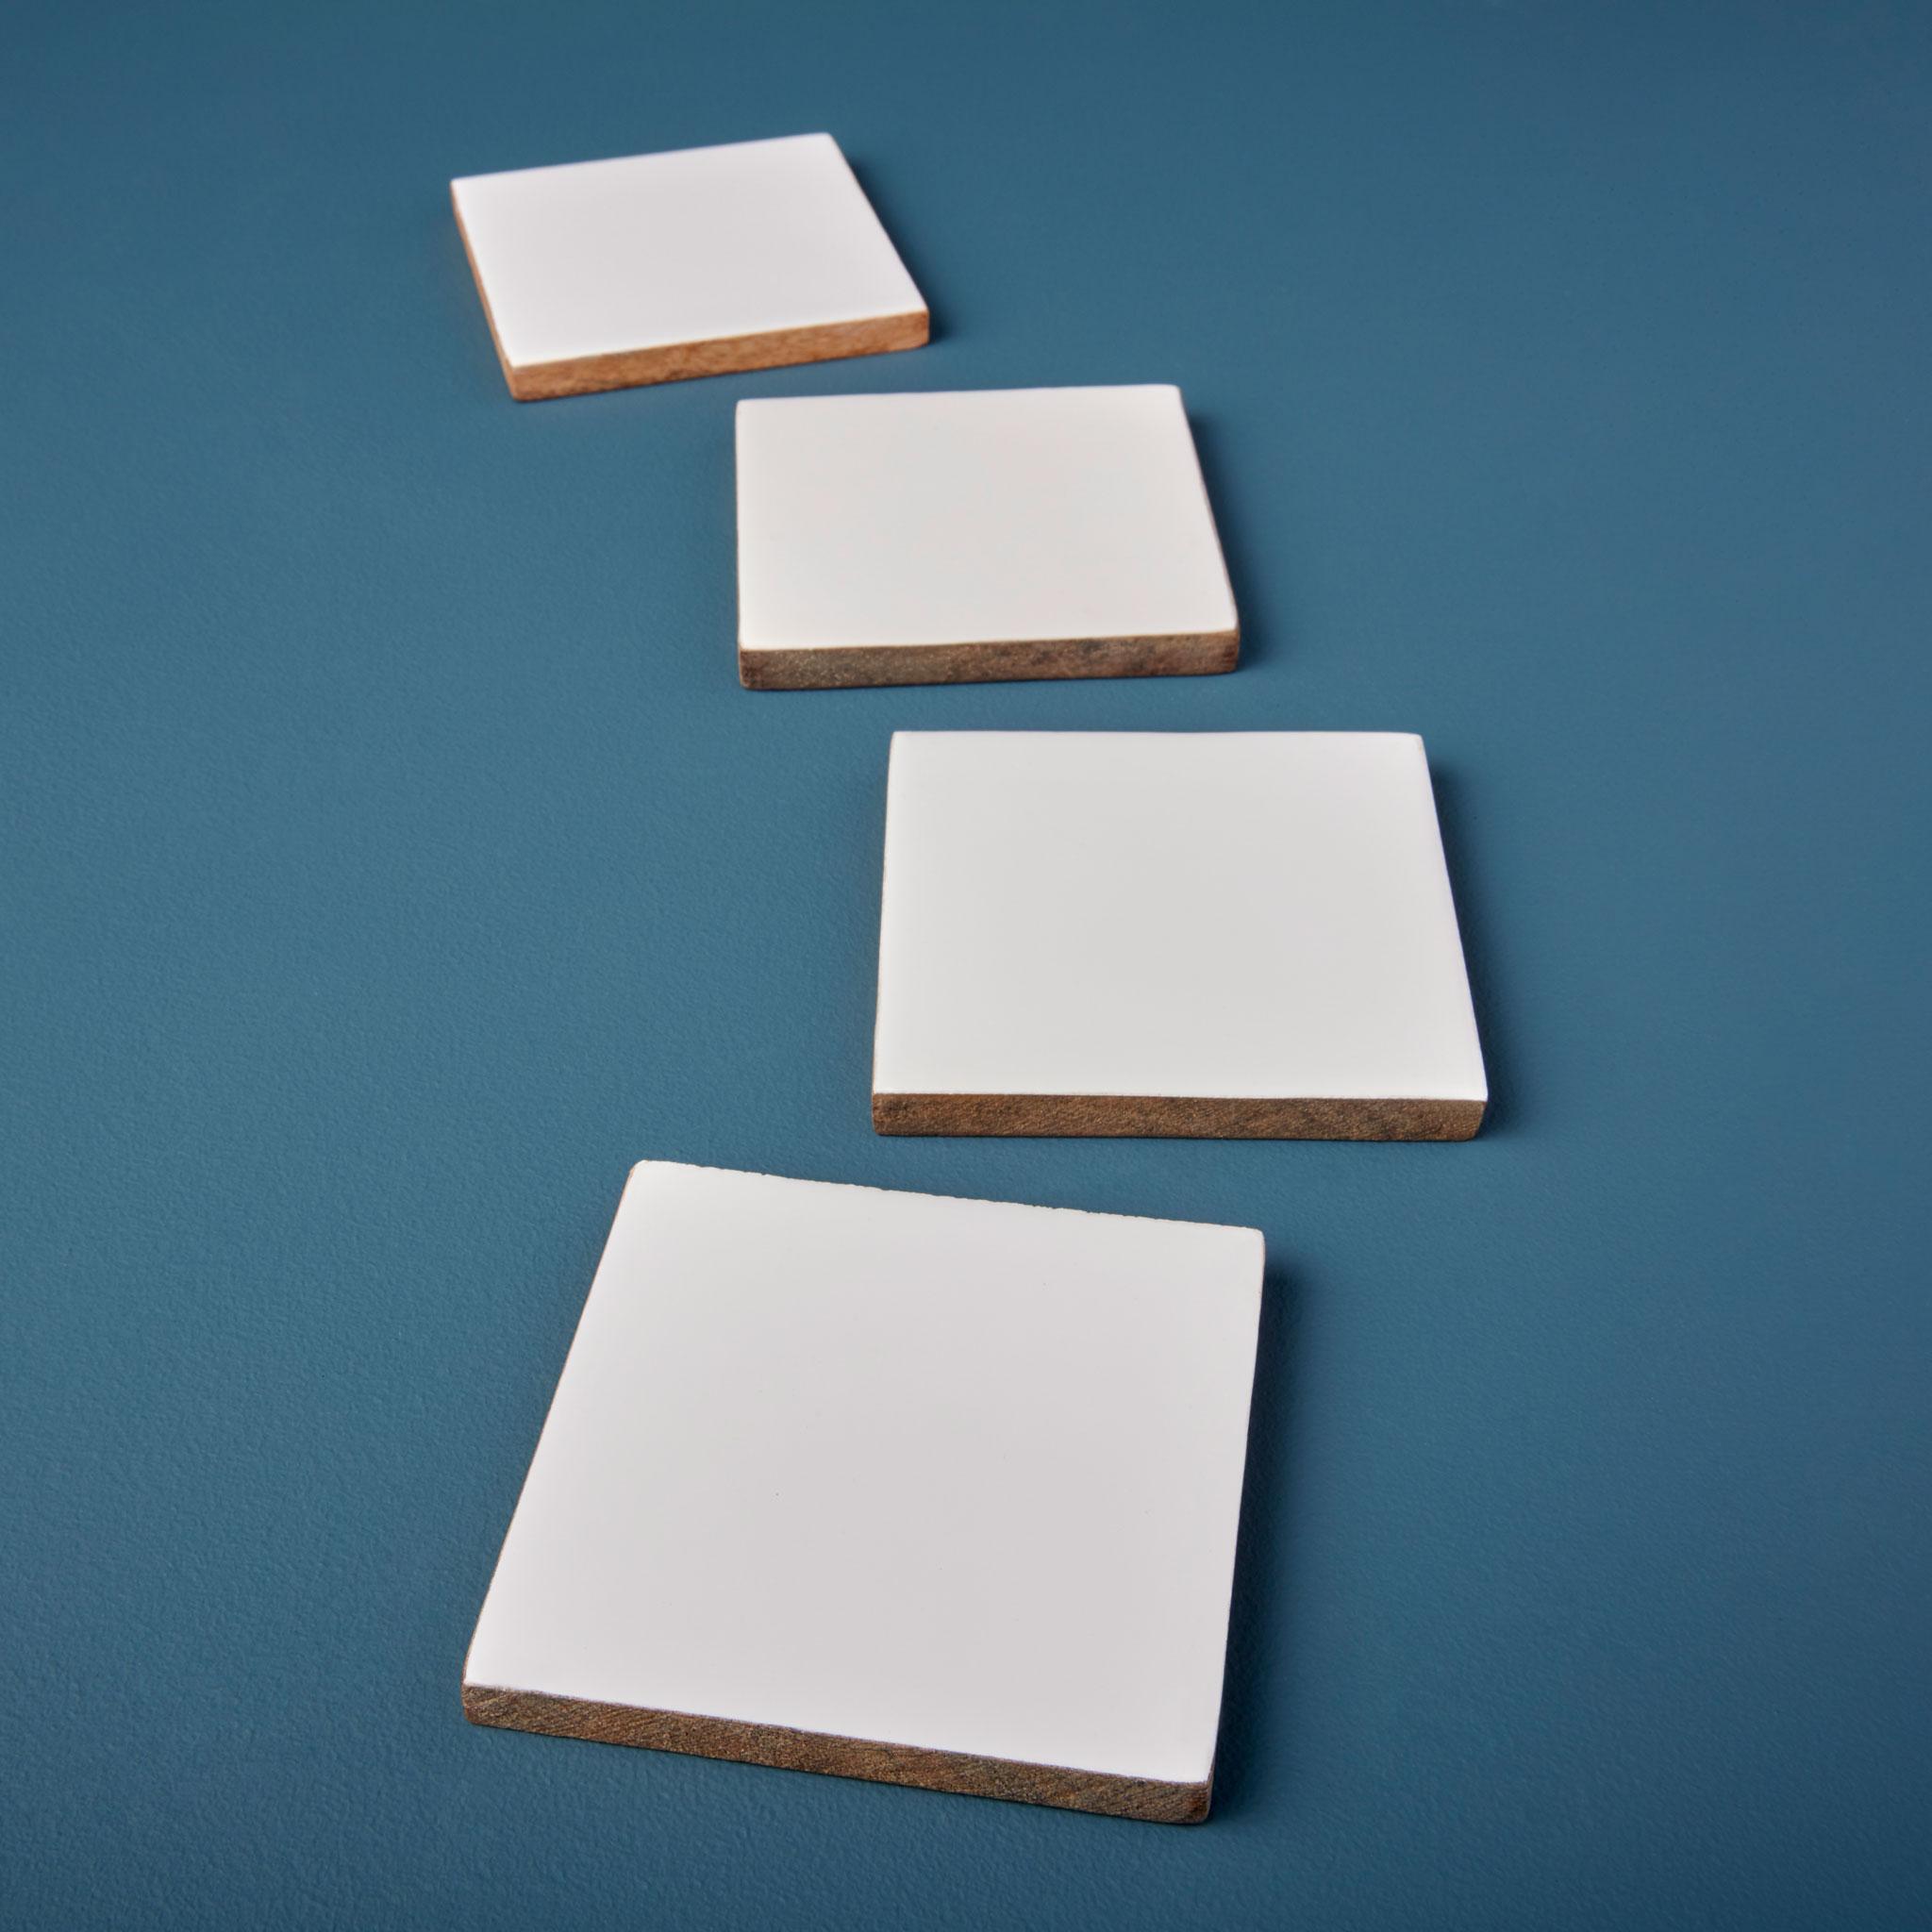 Mango wood & white enamel square coasters-$32.00